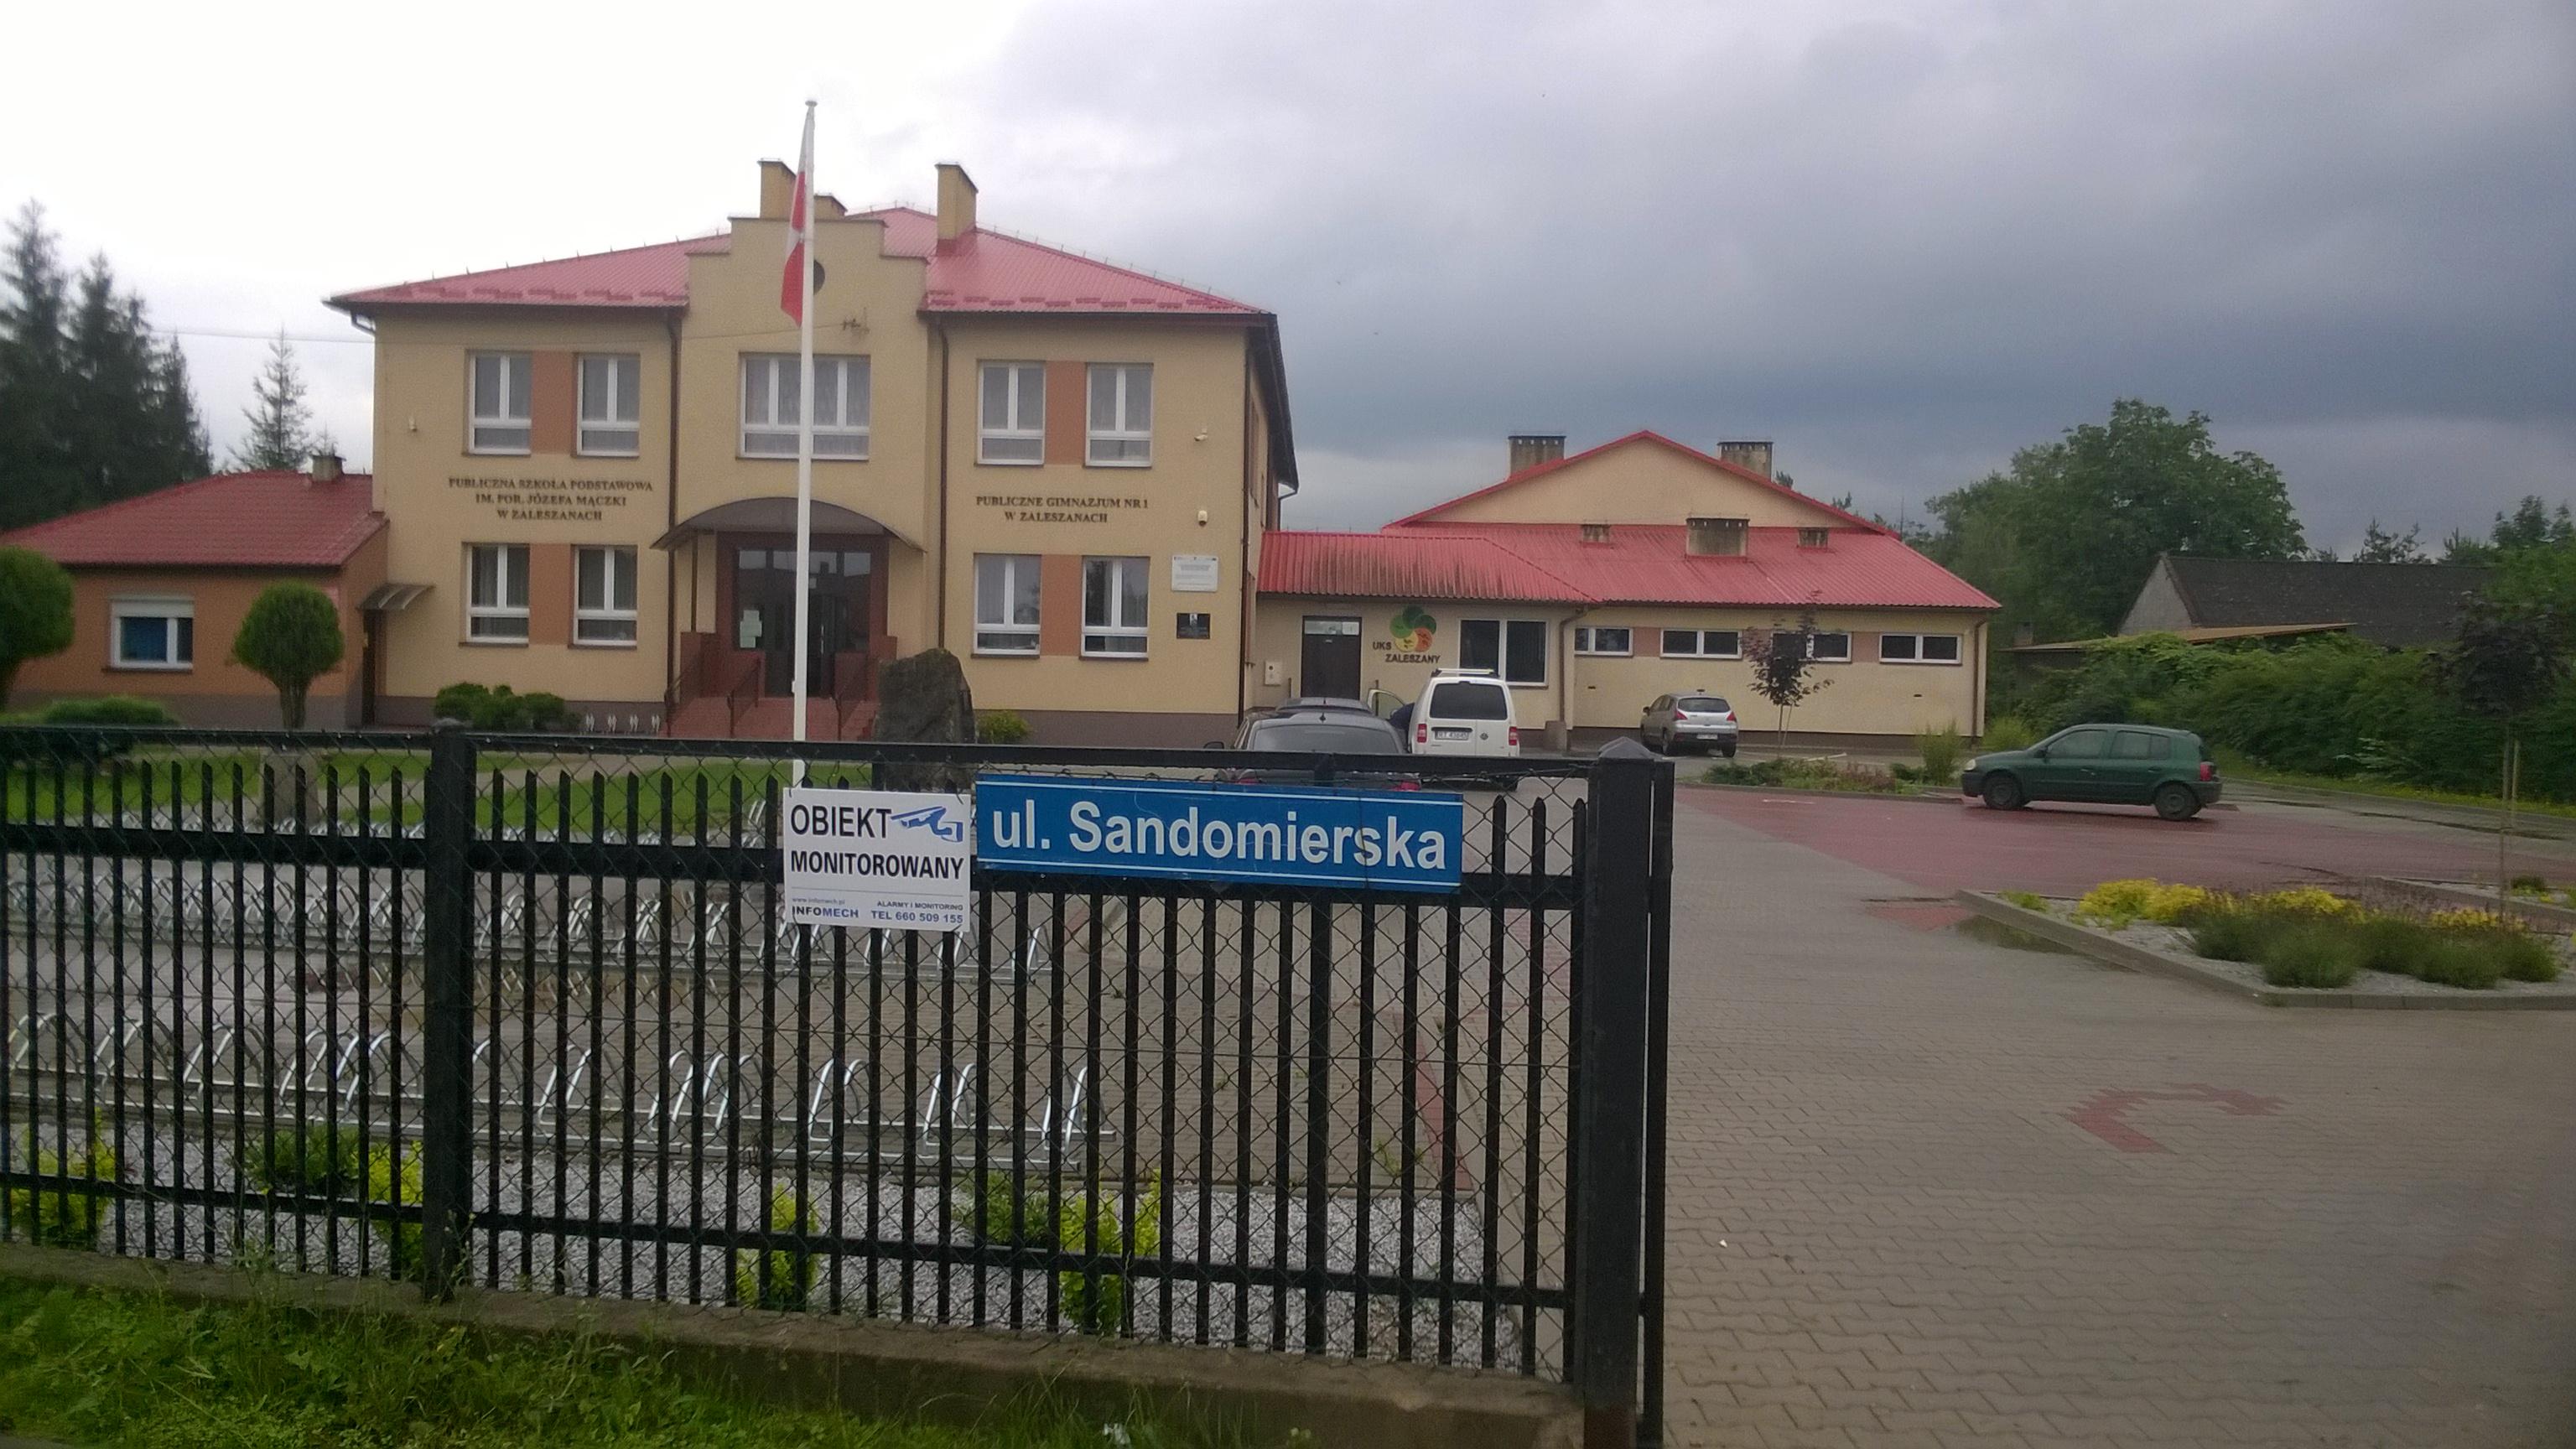 Wykonaliśmy Monitoring Szkoły w Zaleszanach - monitoring kraśnik, janów lubelski